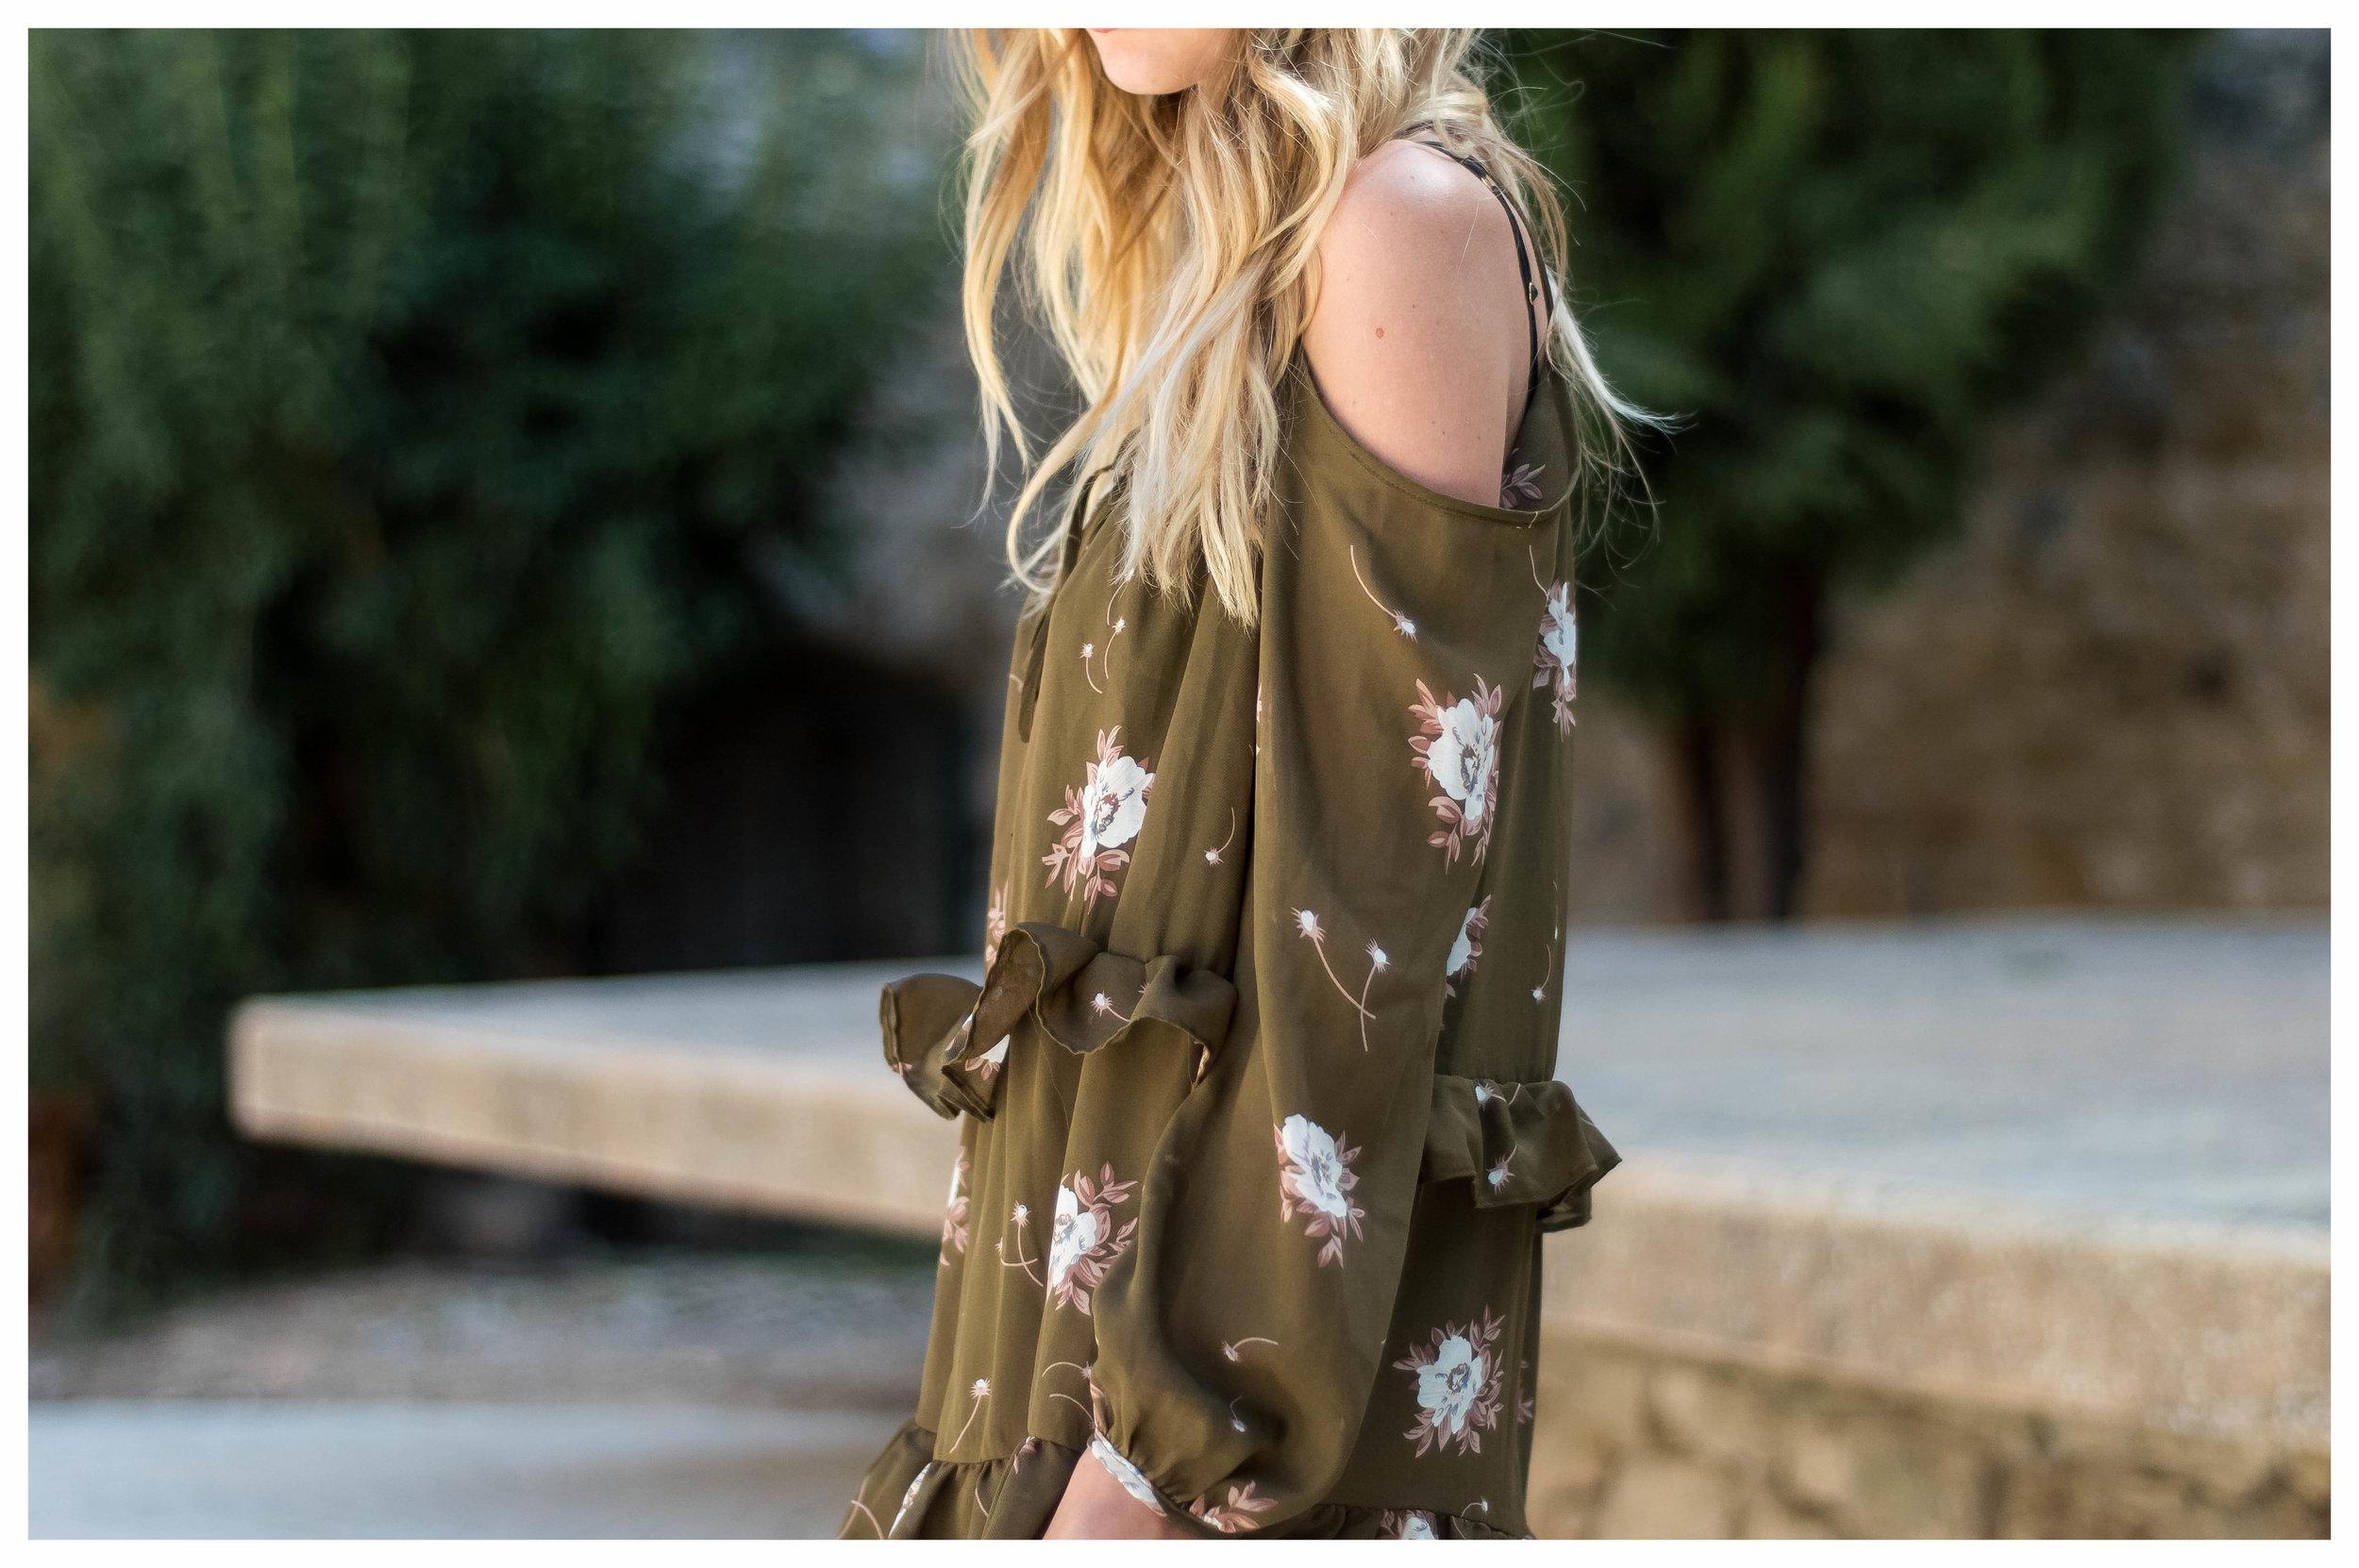 Cornillon Dress June - OSIARAH.COM (6 of 14).jpg